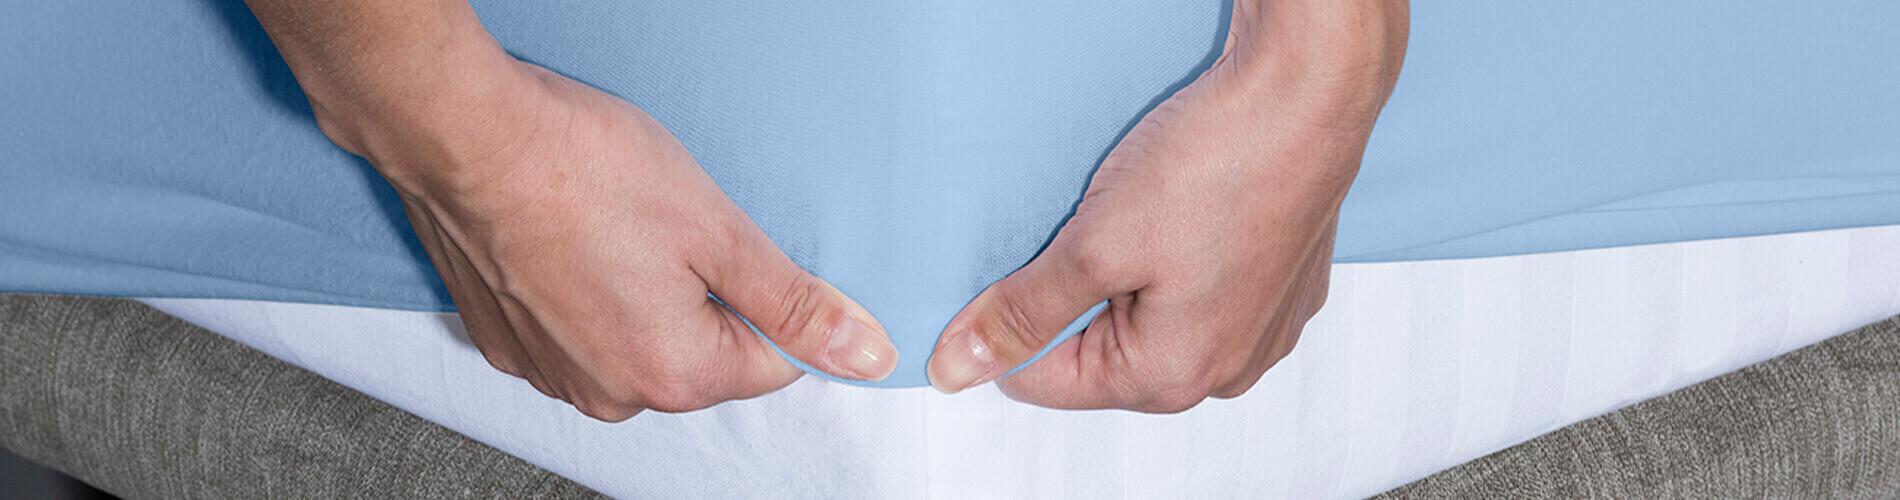 La sábana bajera impermeable e hiper-transpirable Respira está confeccionada con tejido 100% algodón orgánico peinado extrasuave muy agradable al tacto. Gracias a su membrana impermeable e híper-transpirable Neotherm® protege el colchón contra los líquidos a la vez que permite que la piel transpire proporcionando un descanso sin sudor.